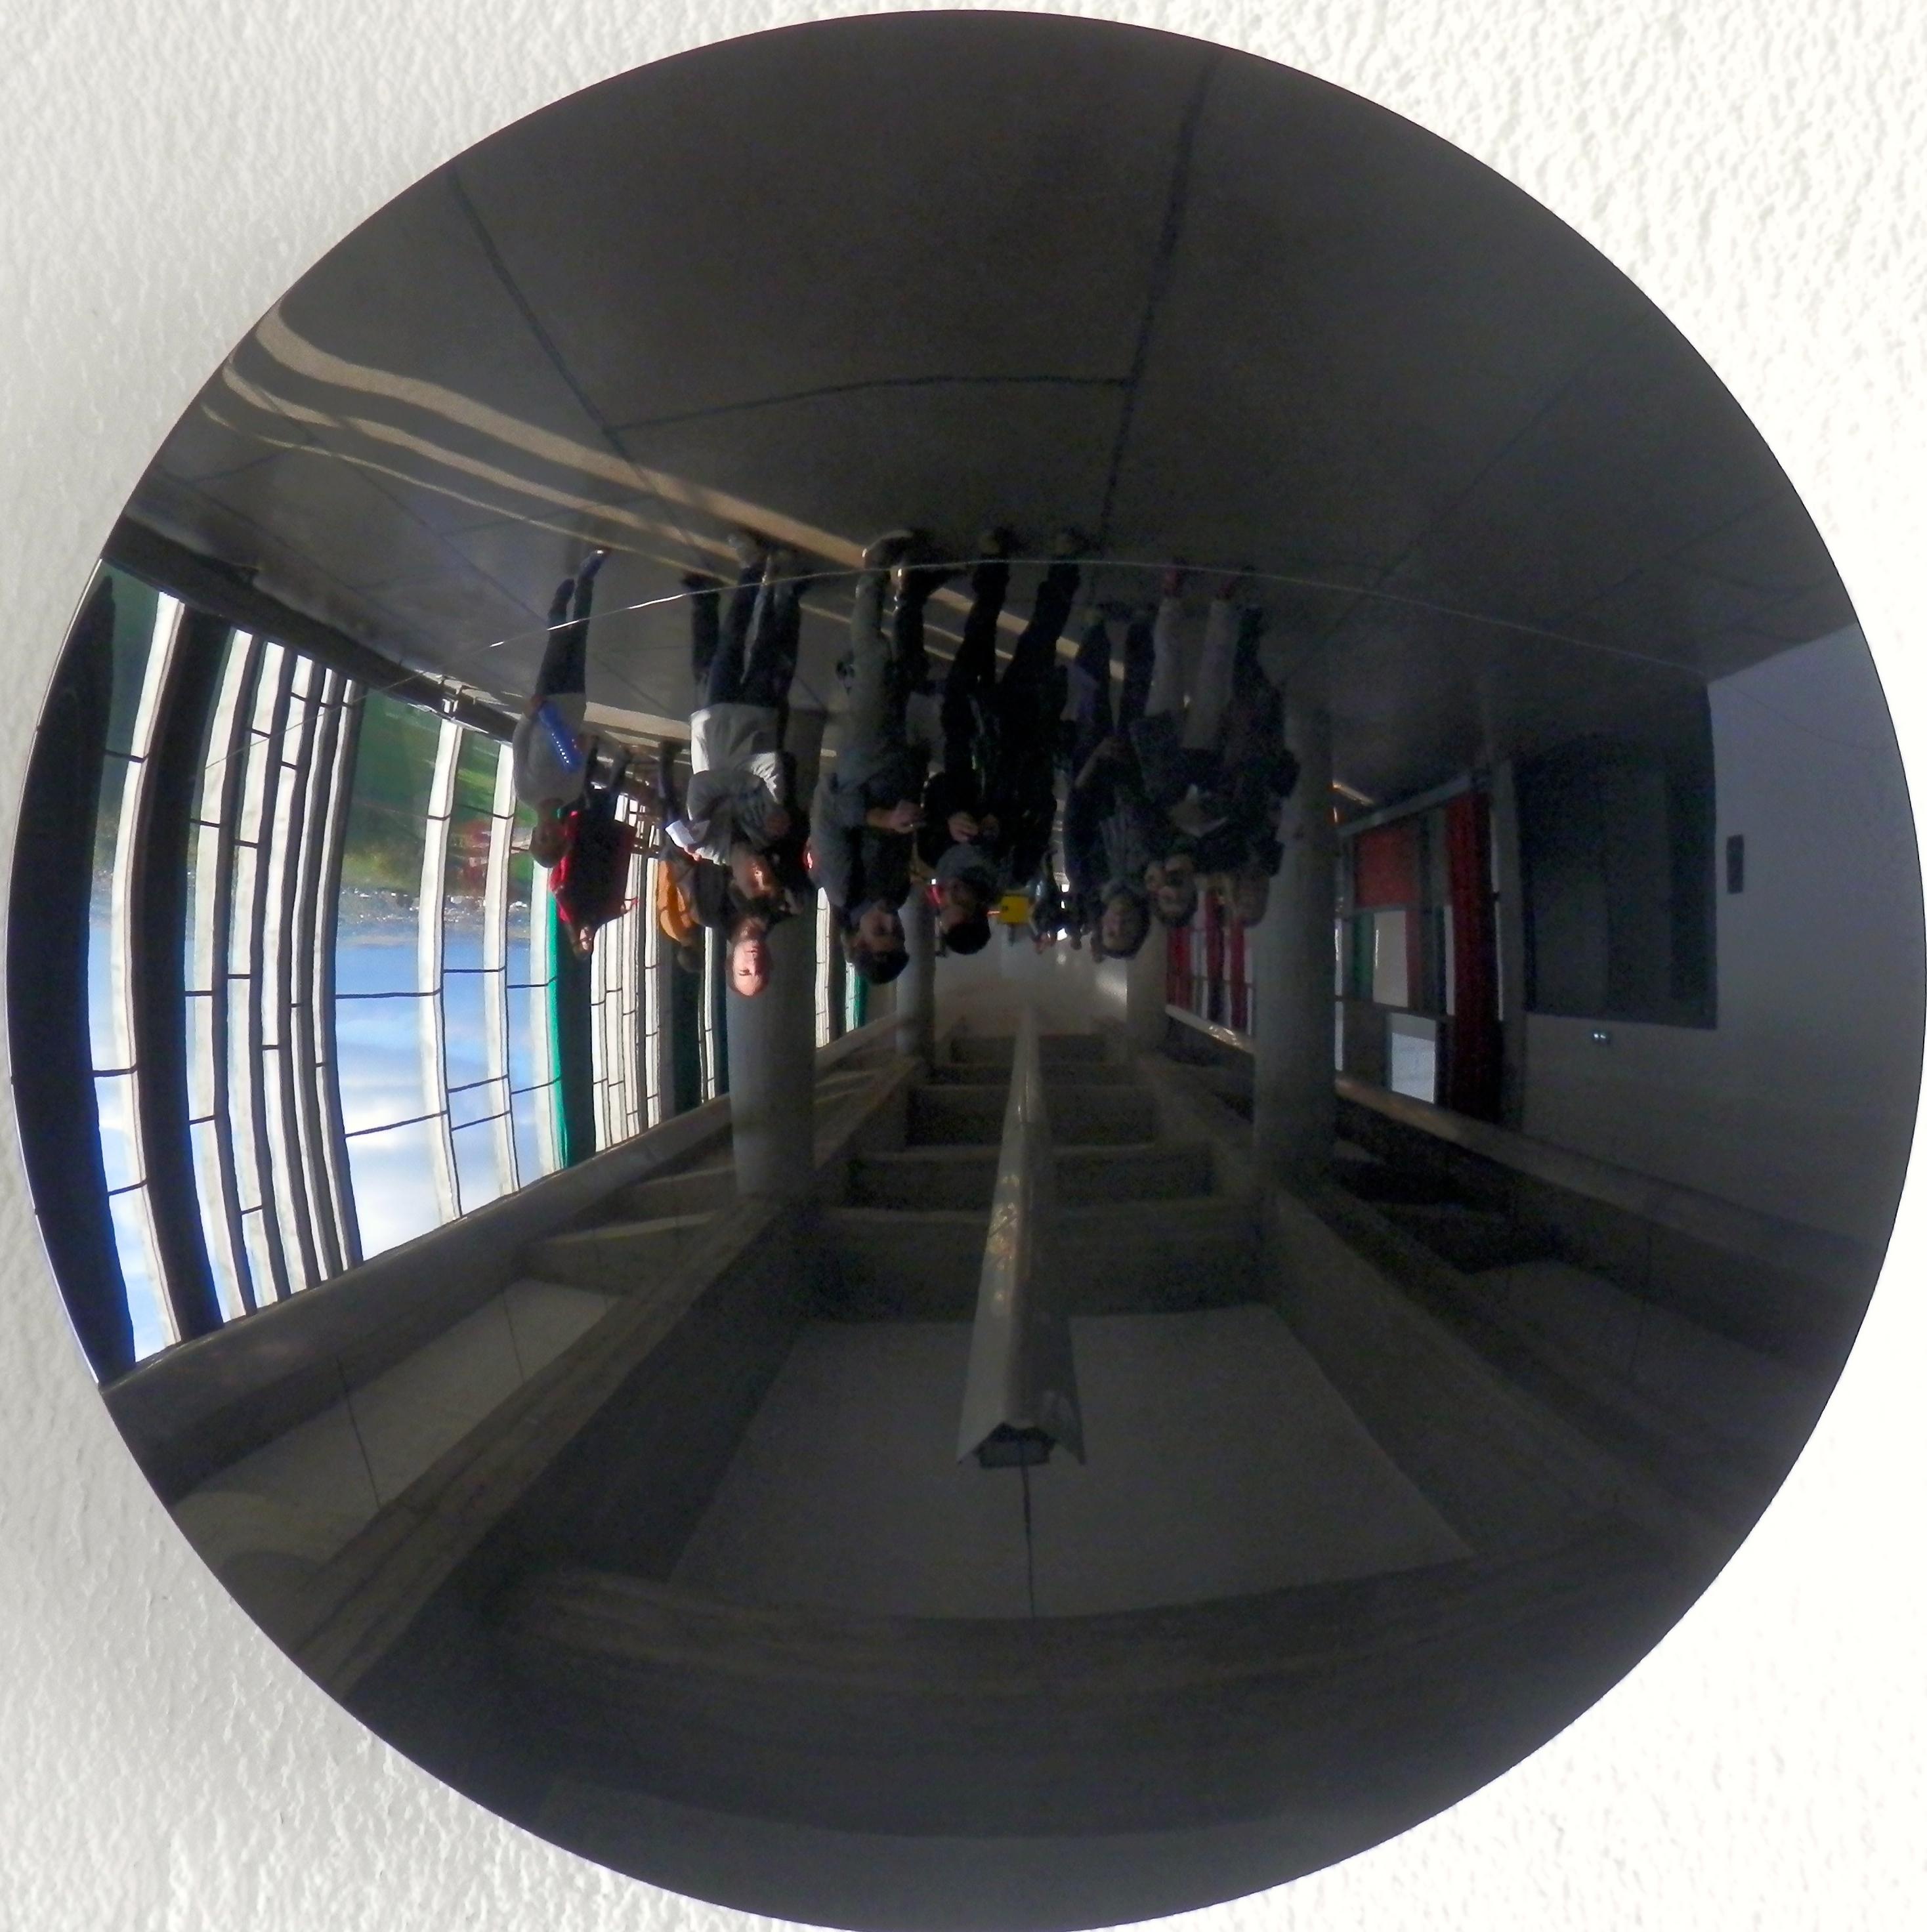 Ma traversee du miroir quand l art flirte avec le scandale for Traversee du miroir